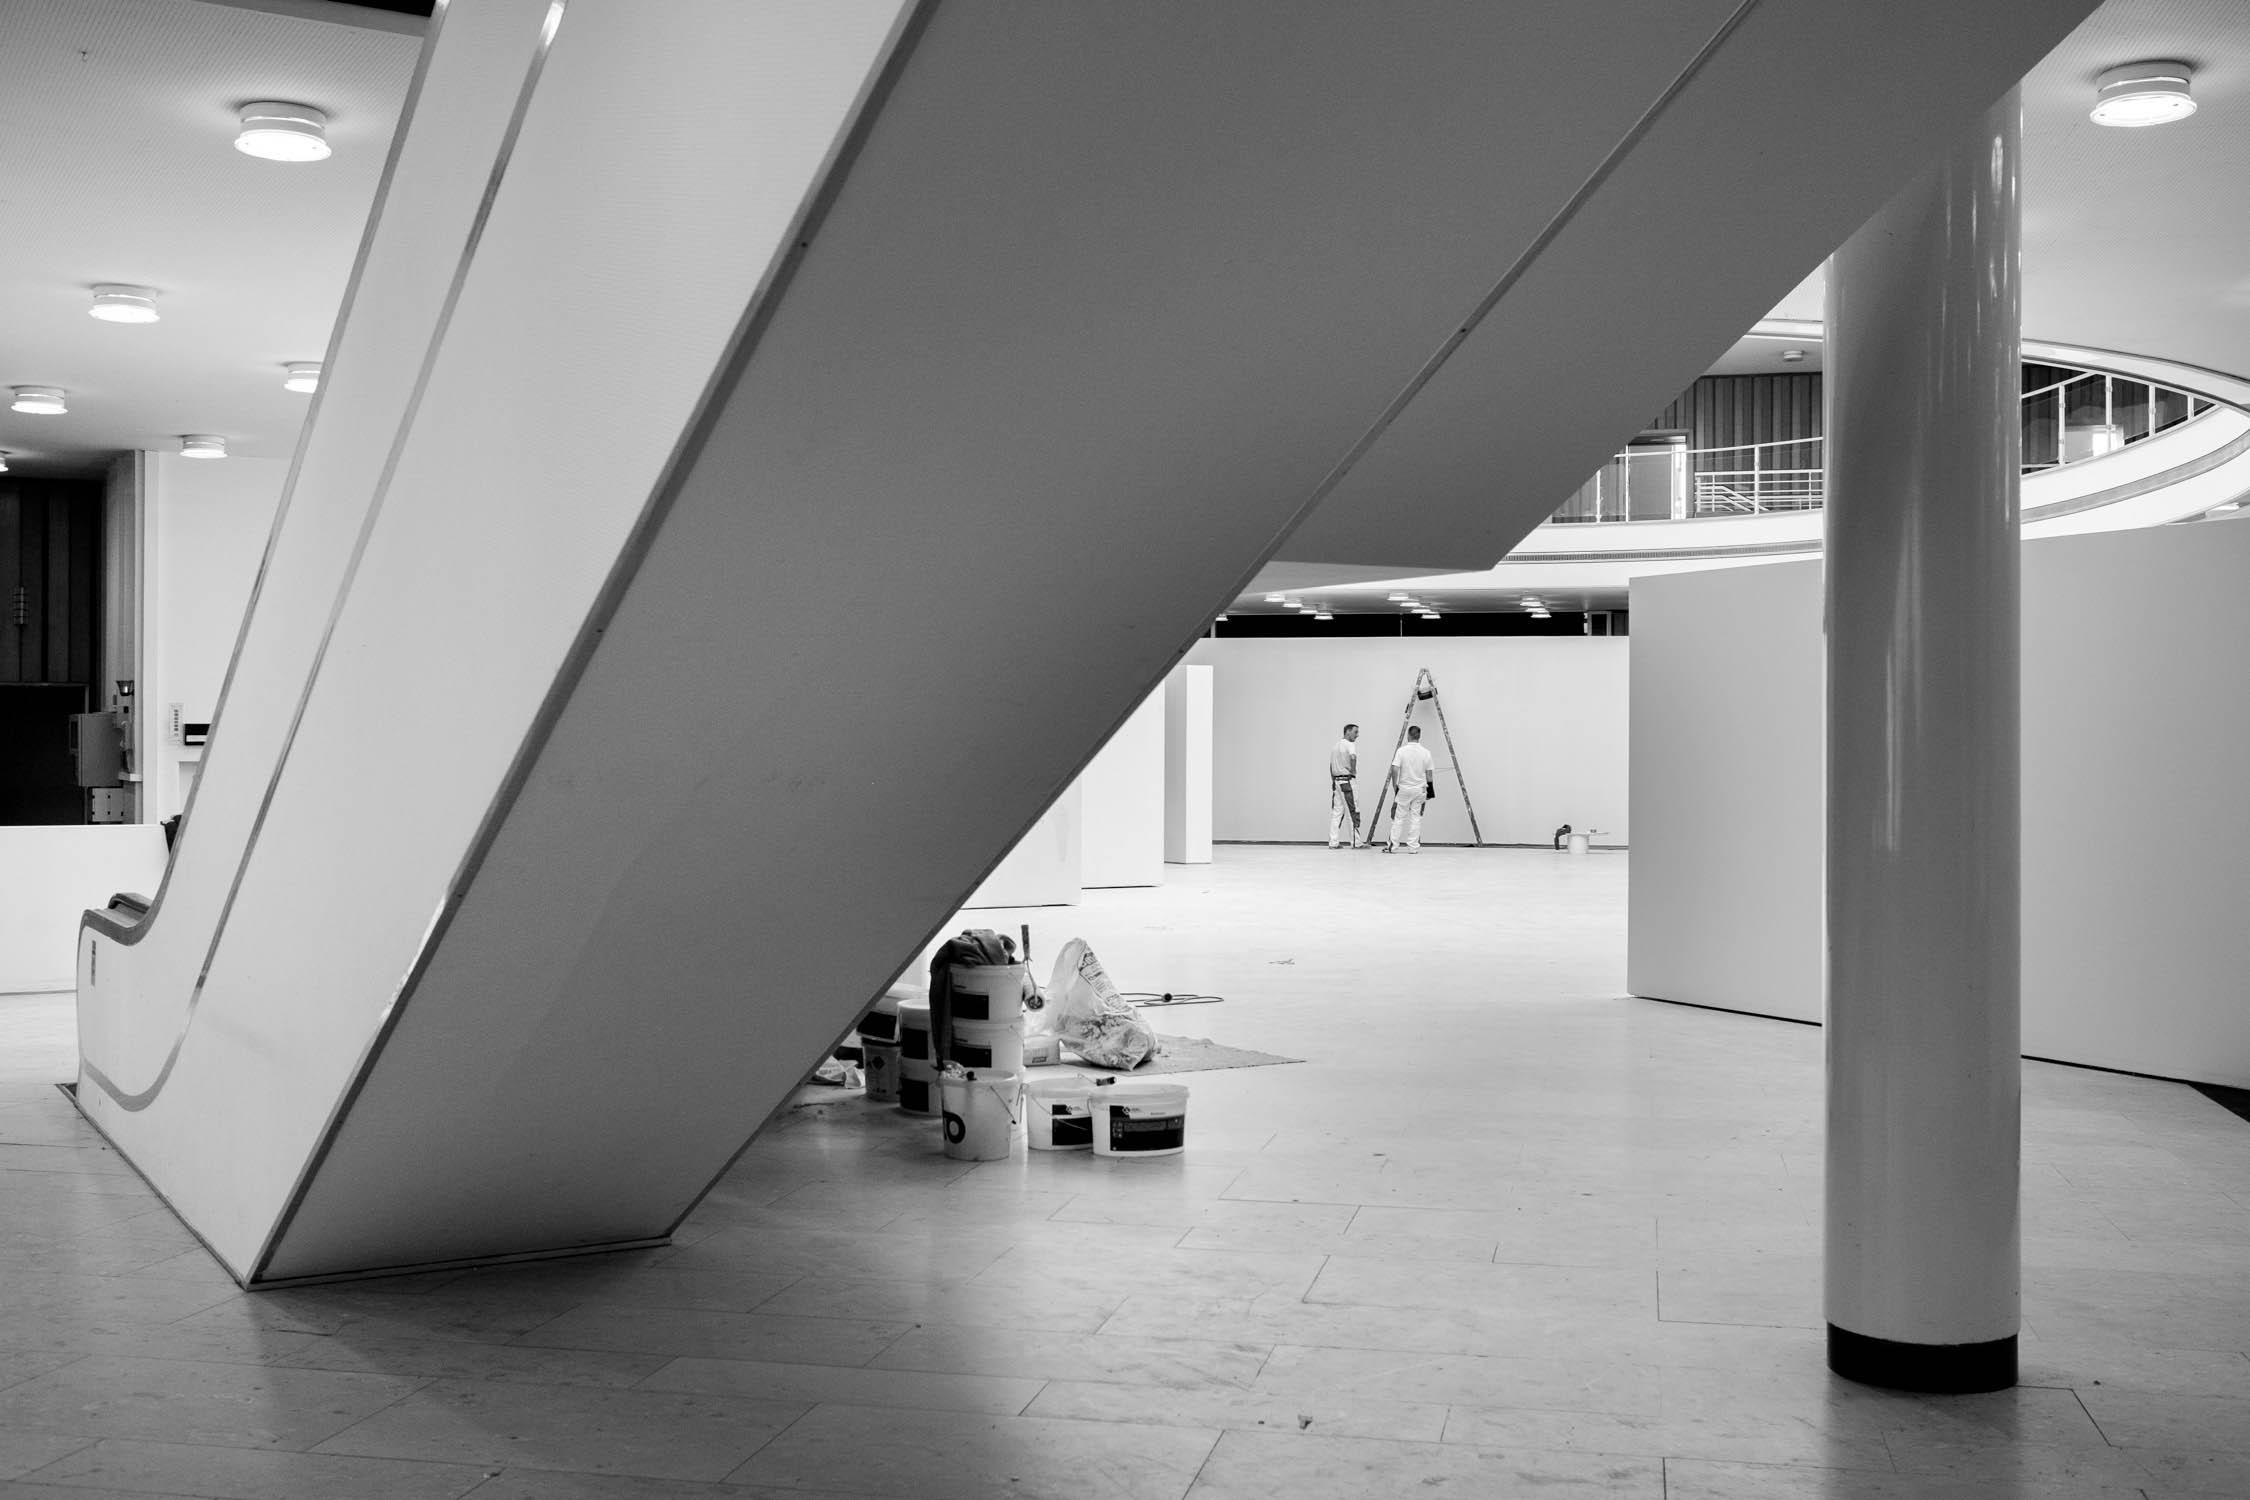 die bielefelder schule bauarbeiten vorbereitung rolltreppe maler ausstellung bielefeld fh gestaltung dokumentation jörn strojny